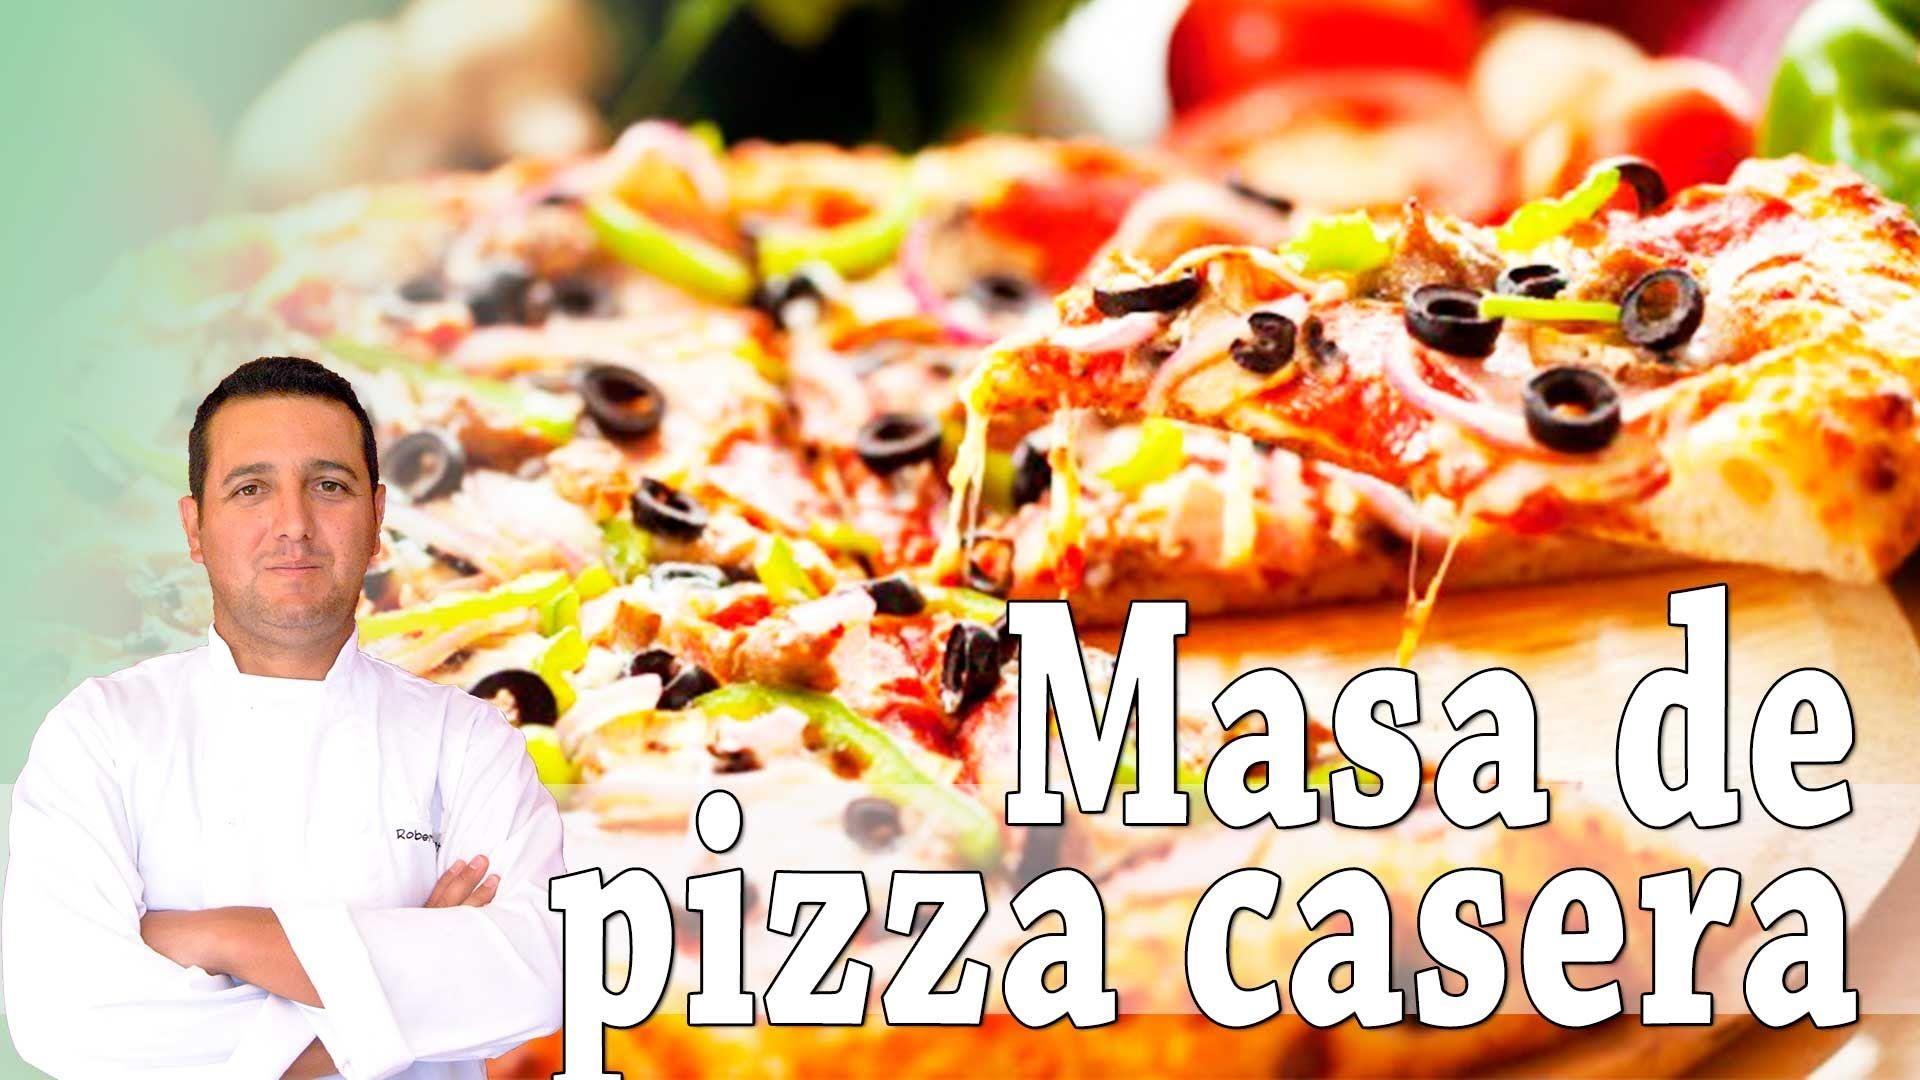 Masa De Pizza Casera Tipo Domino S O Telepizza Recetas De Cocina Masa De Pizza Casera Masa Para Pizza Pizza Casera